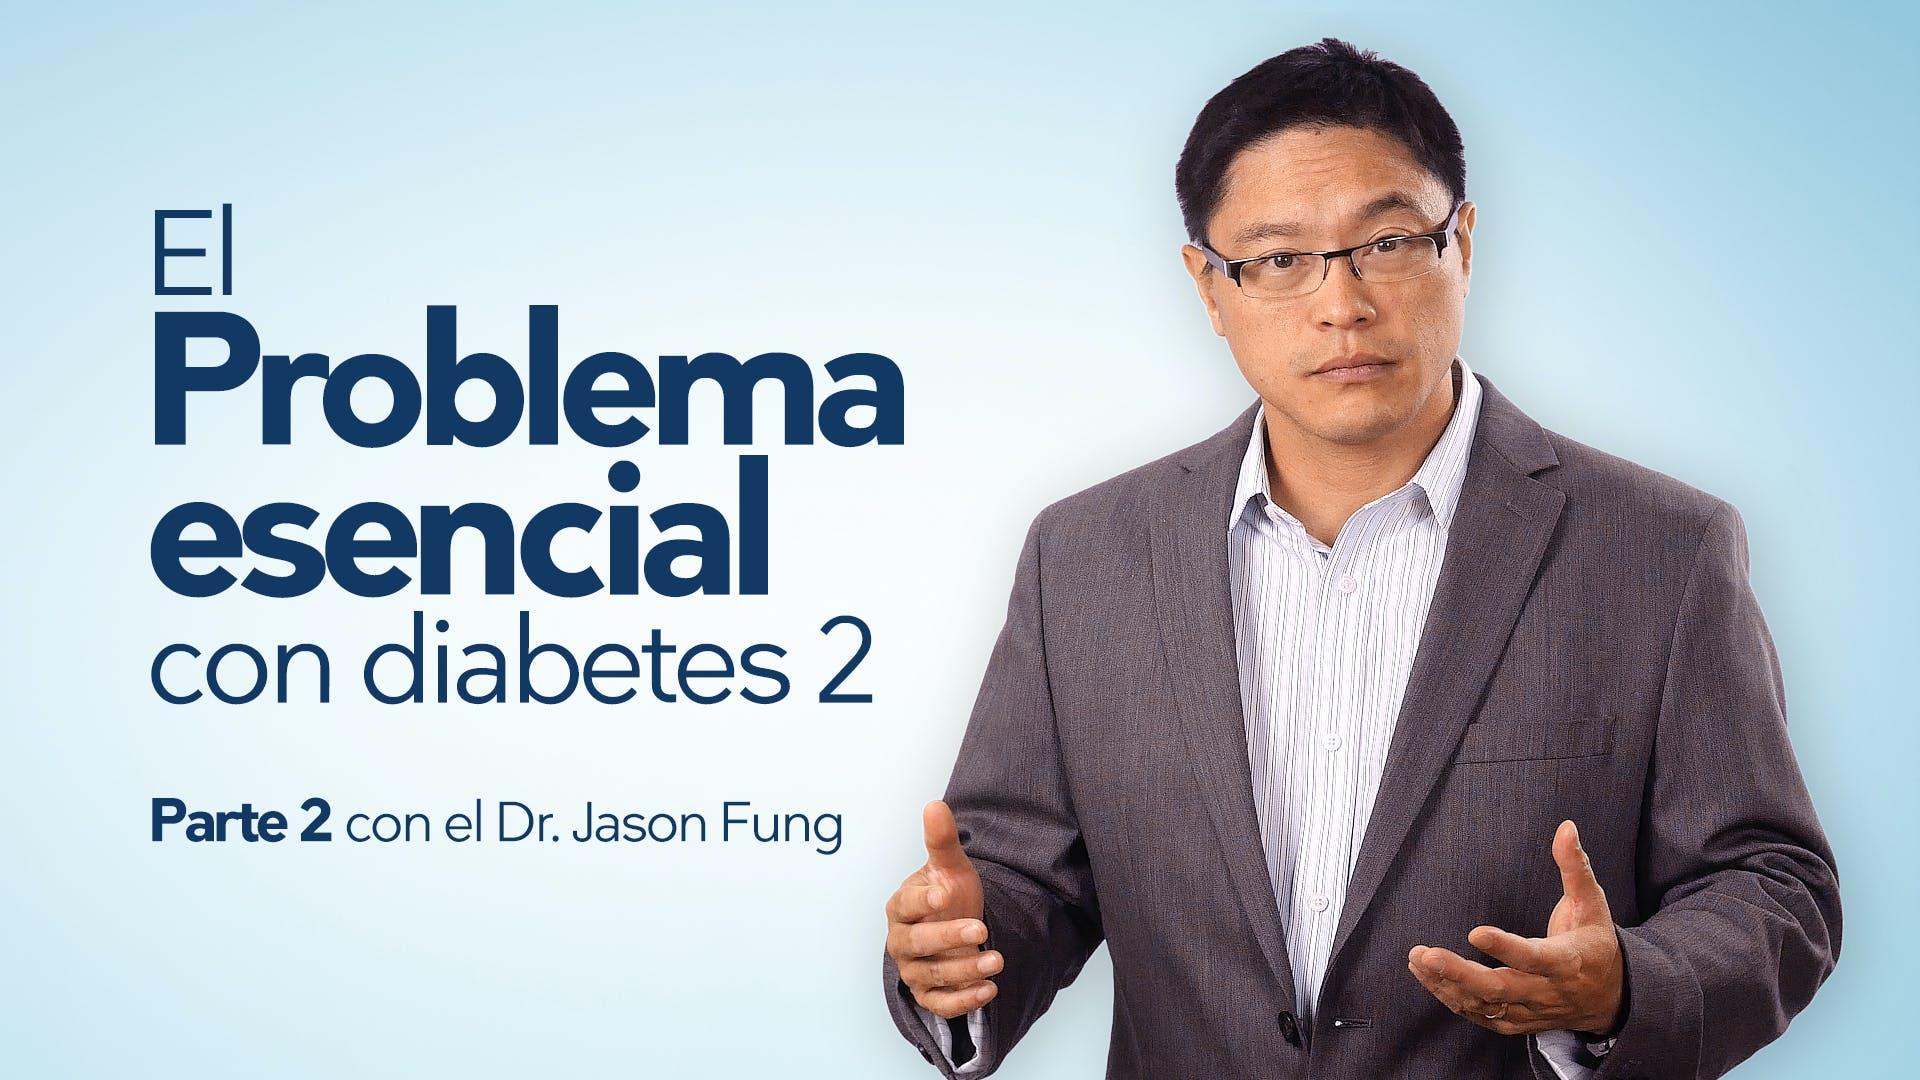 El problema esencial con la diabetes 2: Dr. Jason Fung